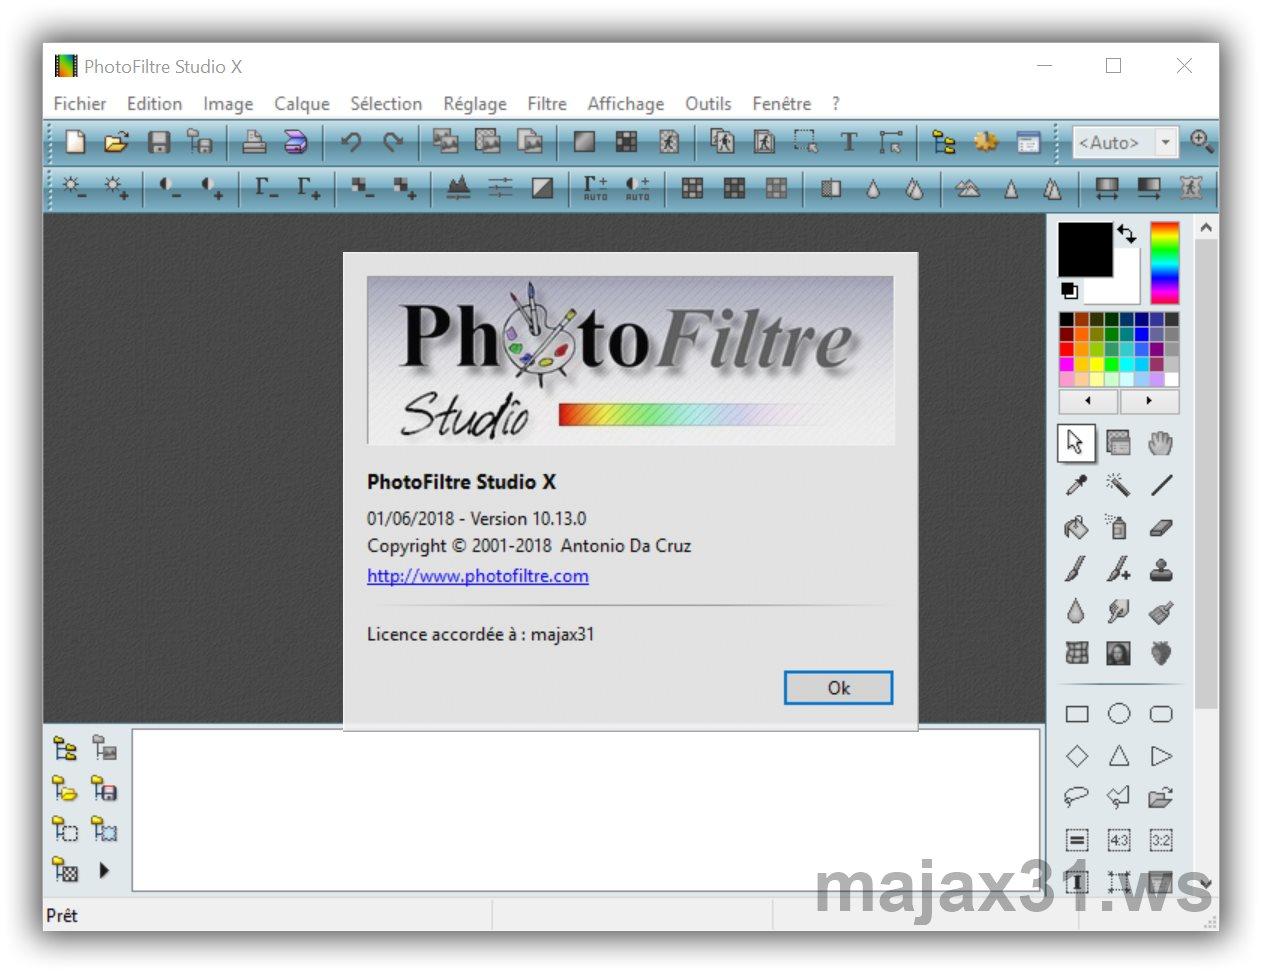 photofiltre studio gratuit complet